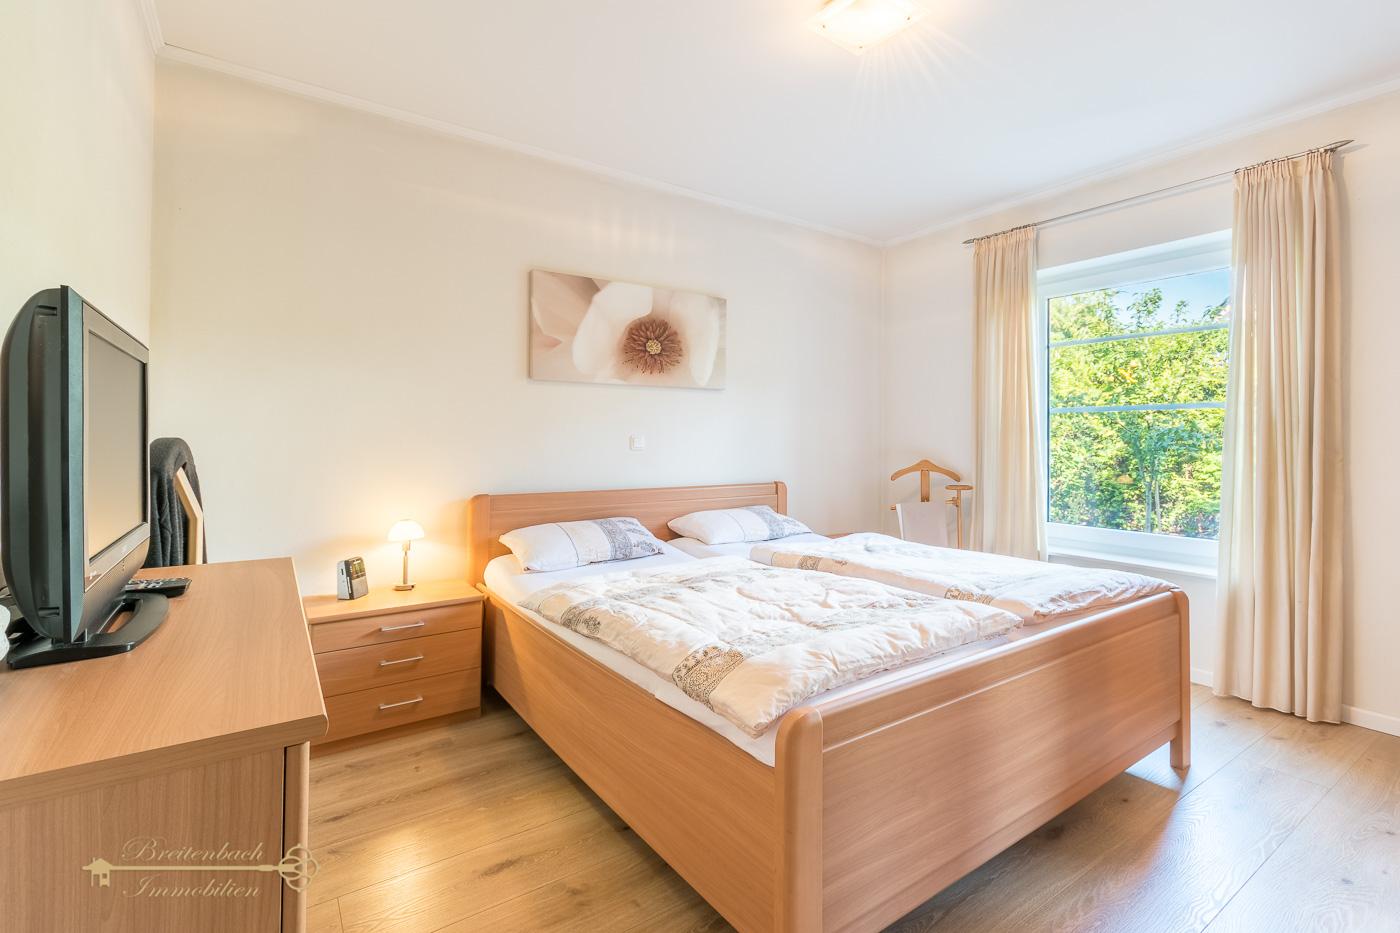 2019-08-11-Breitenbach-Immobilien-12